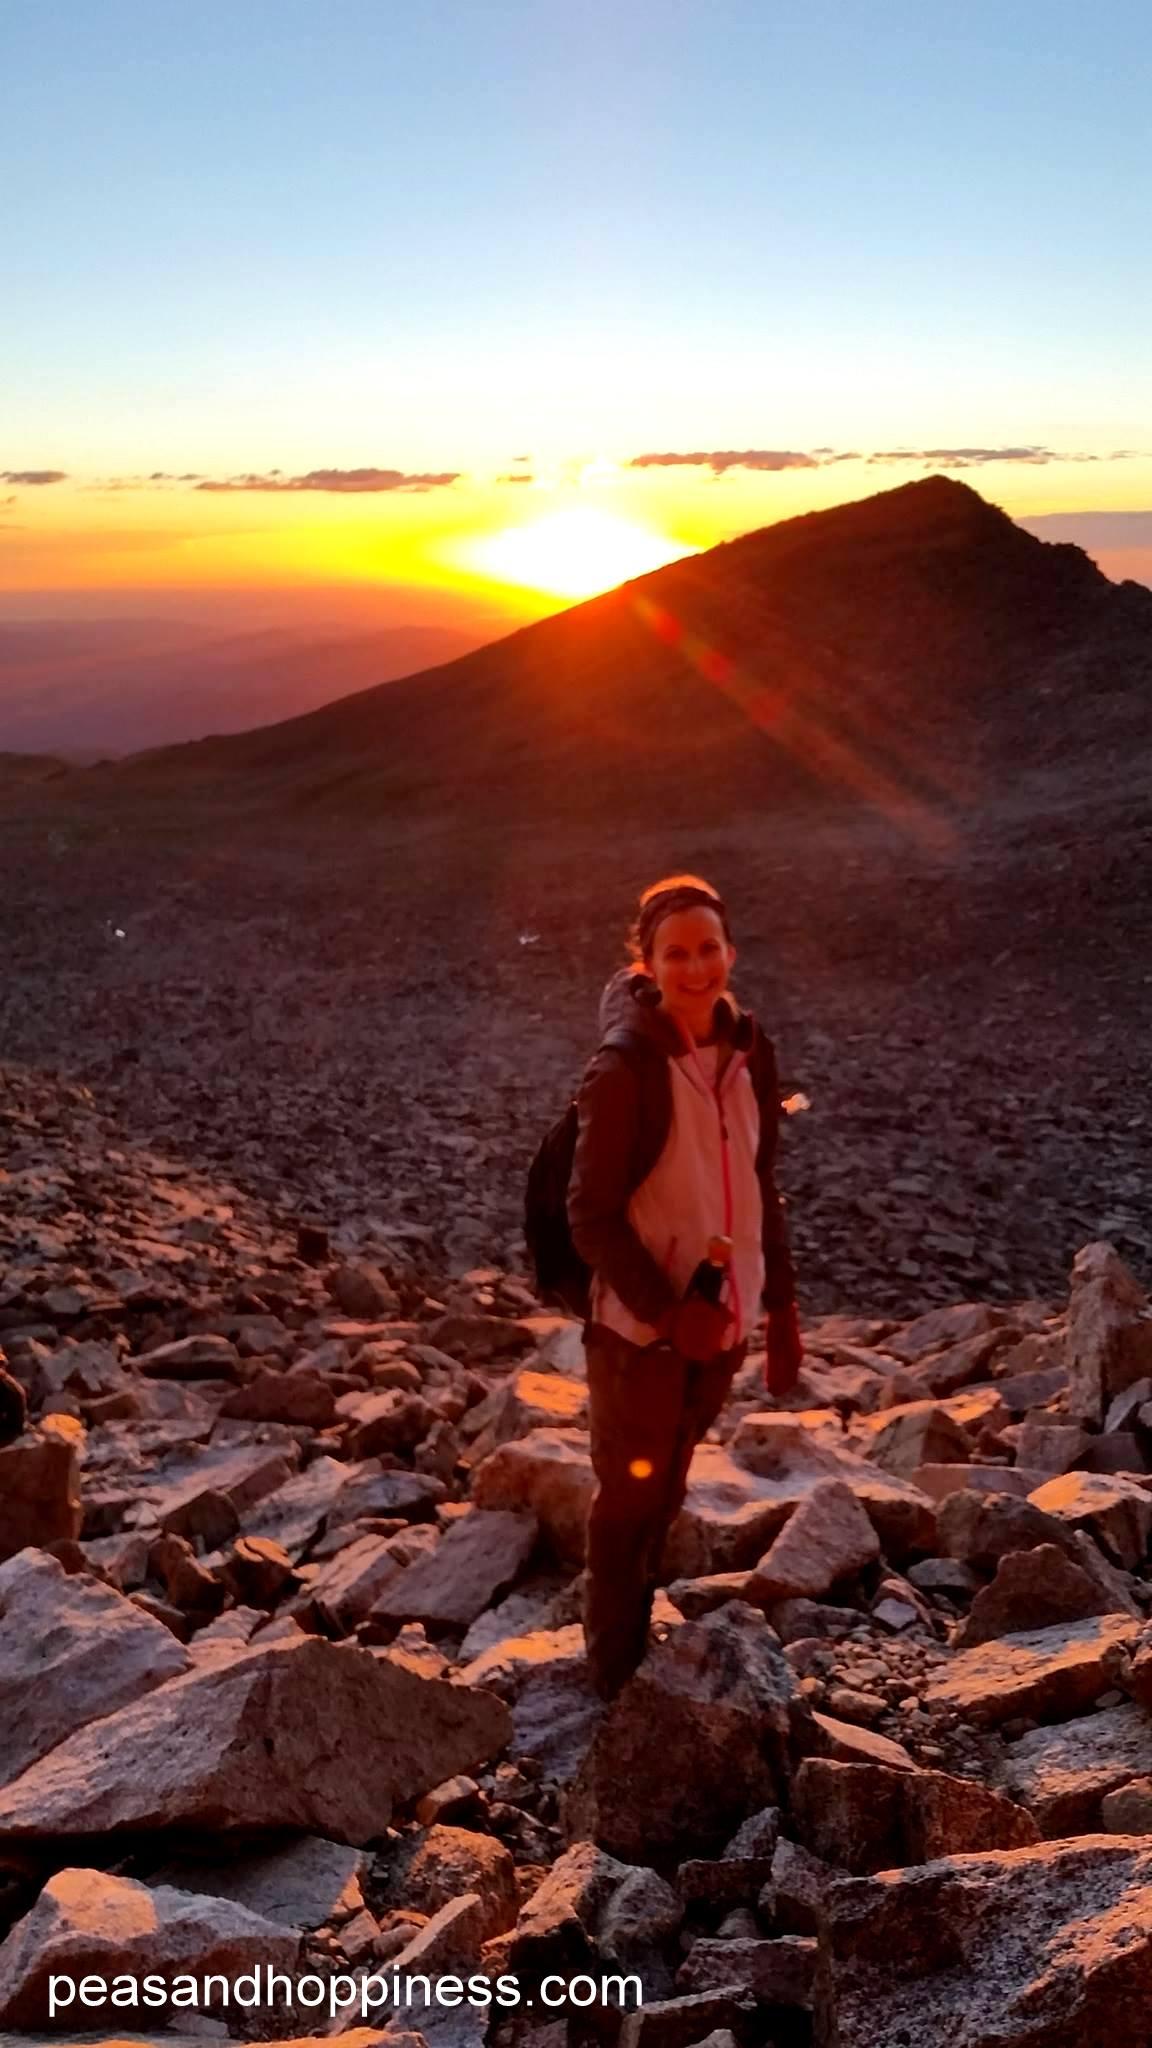 Sunrise on Long's Peak - the hardest mountain I've yet climbed